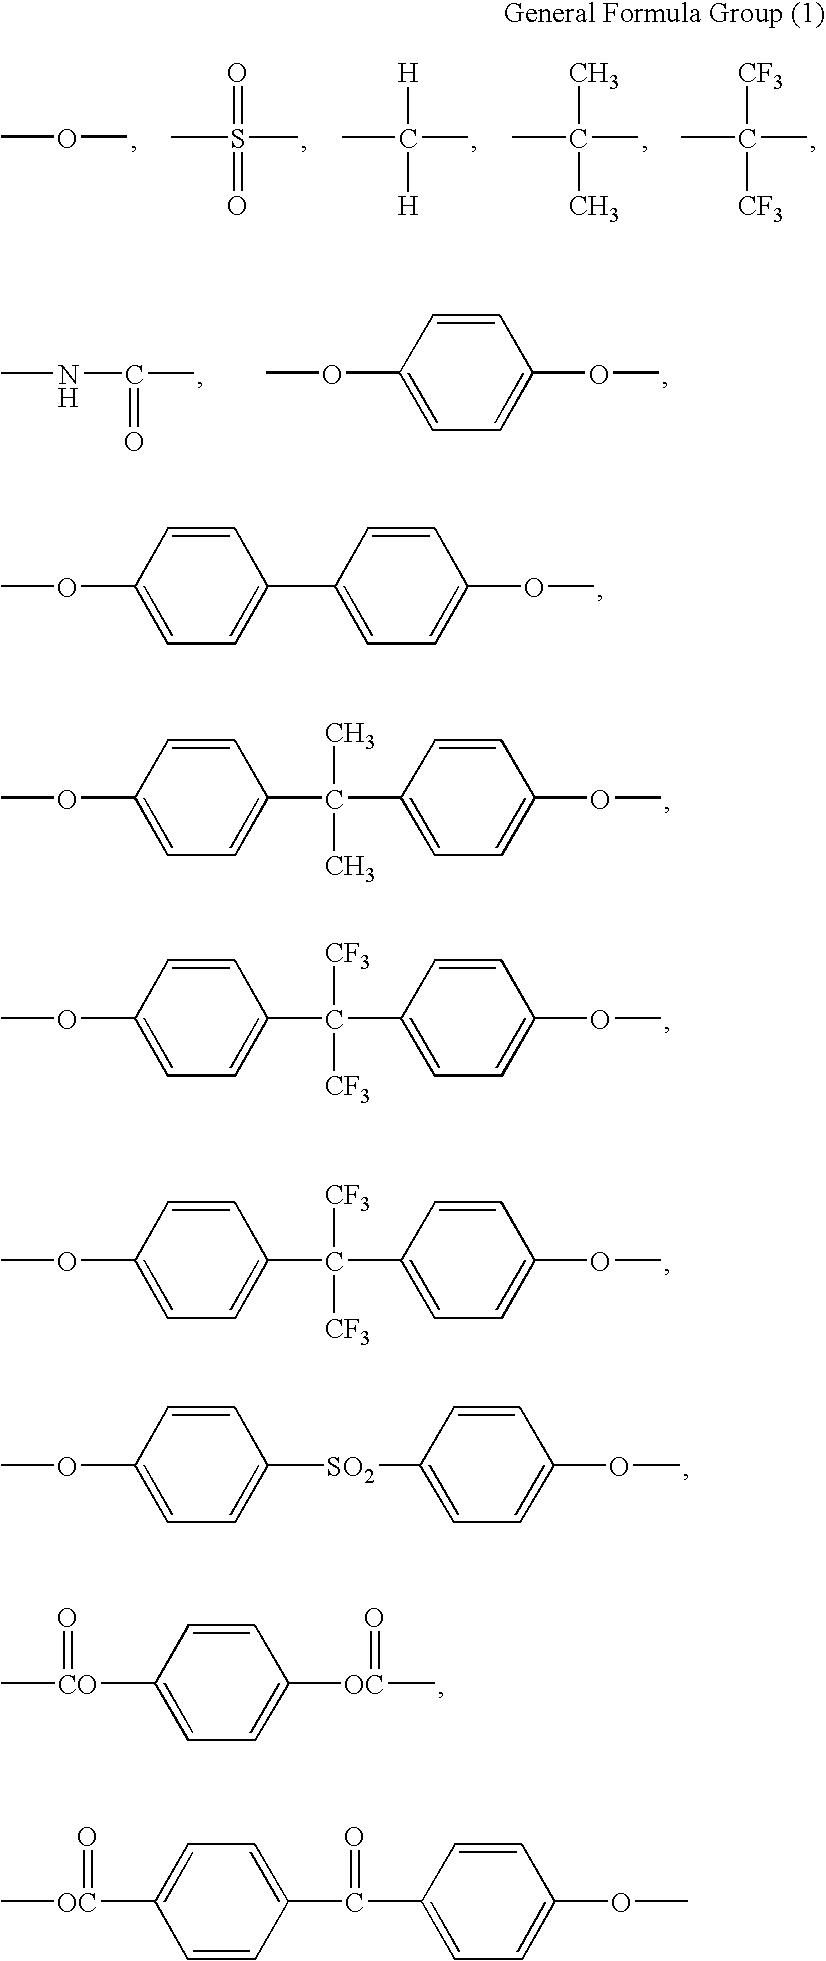 Figure US20080182112A1-20080731-C00002